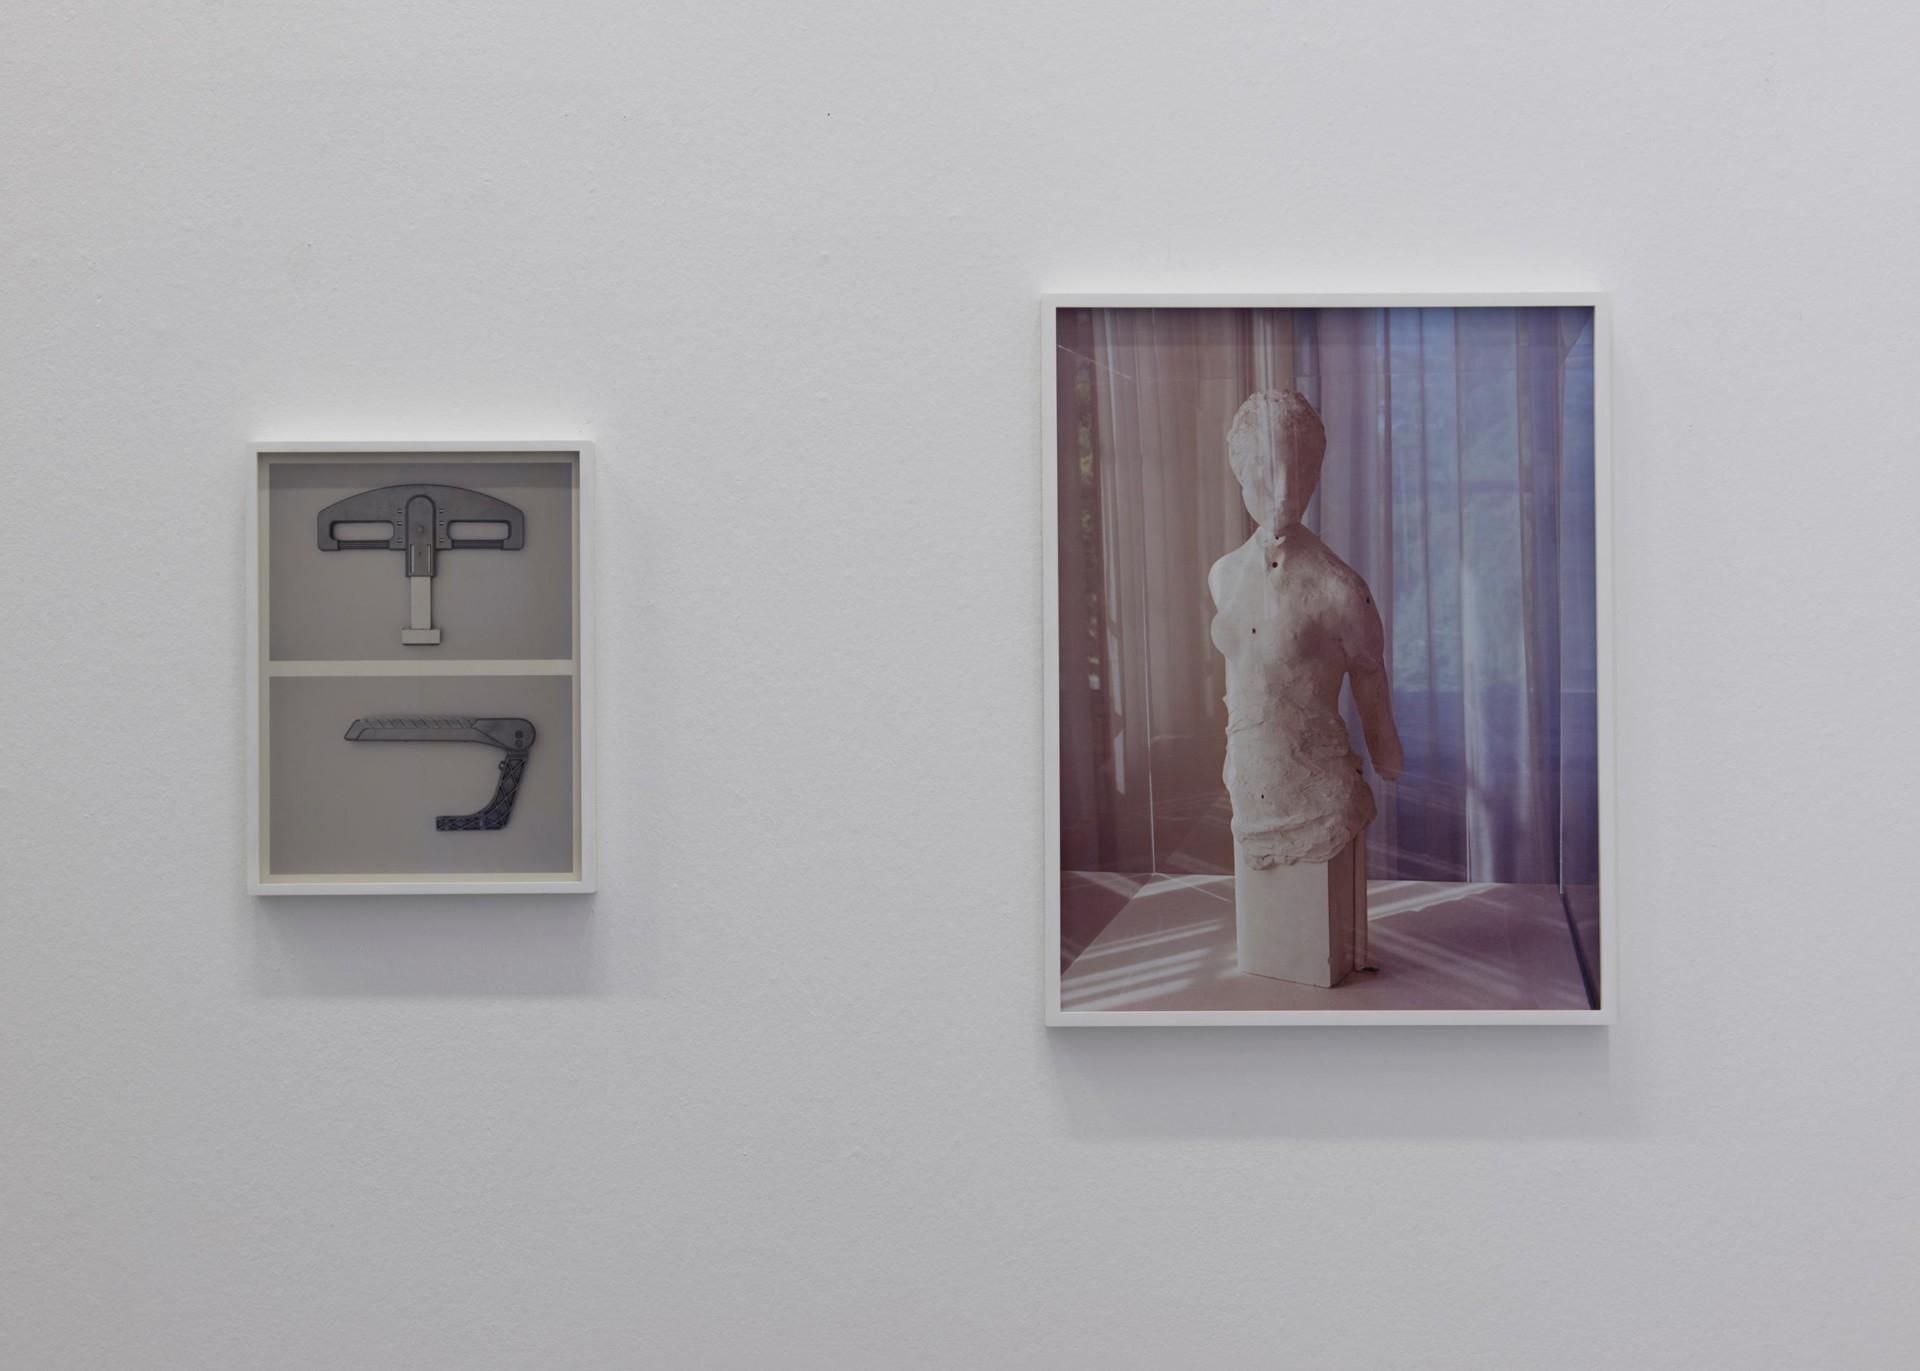 > Kunstverein Friedrichshafen Sara-Lena Maierhofer